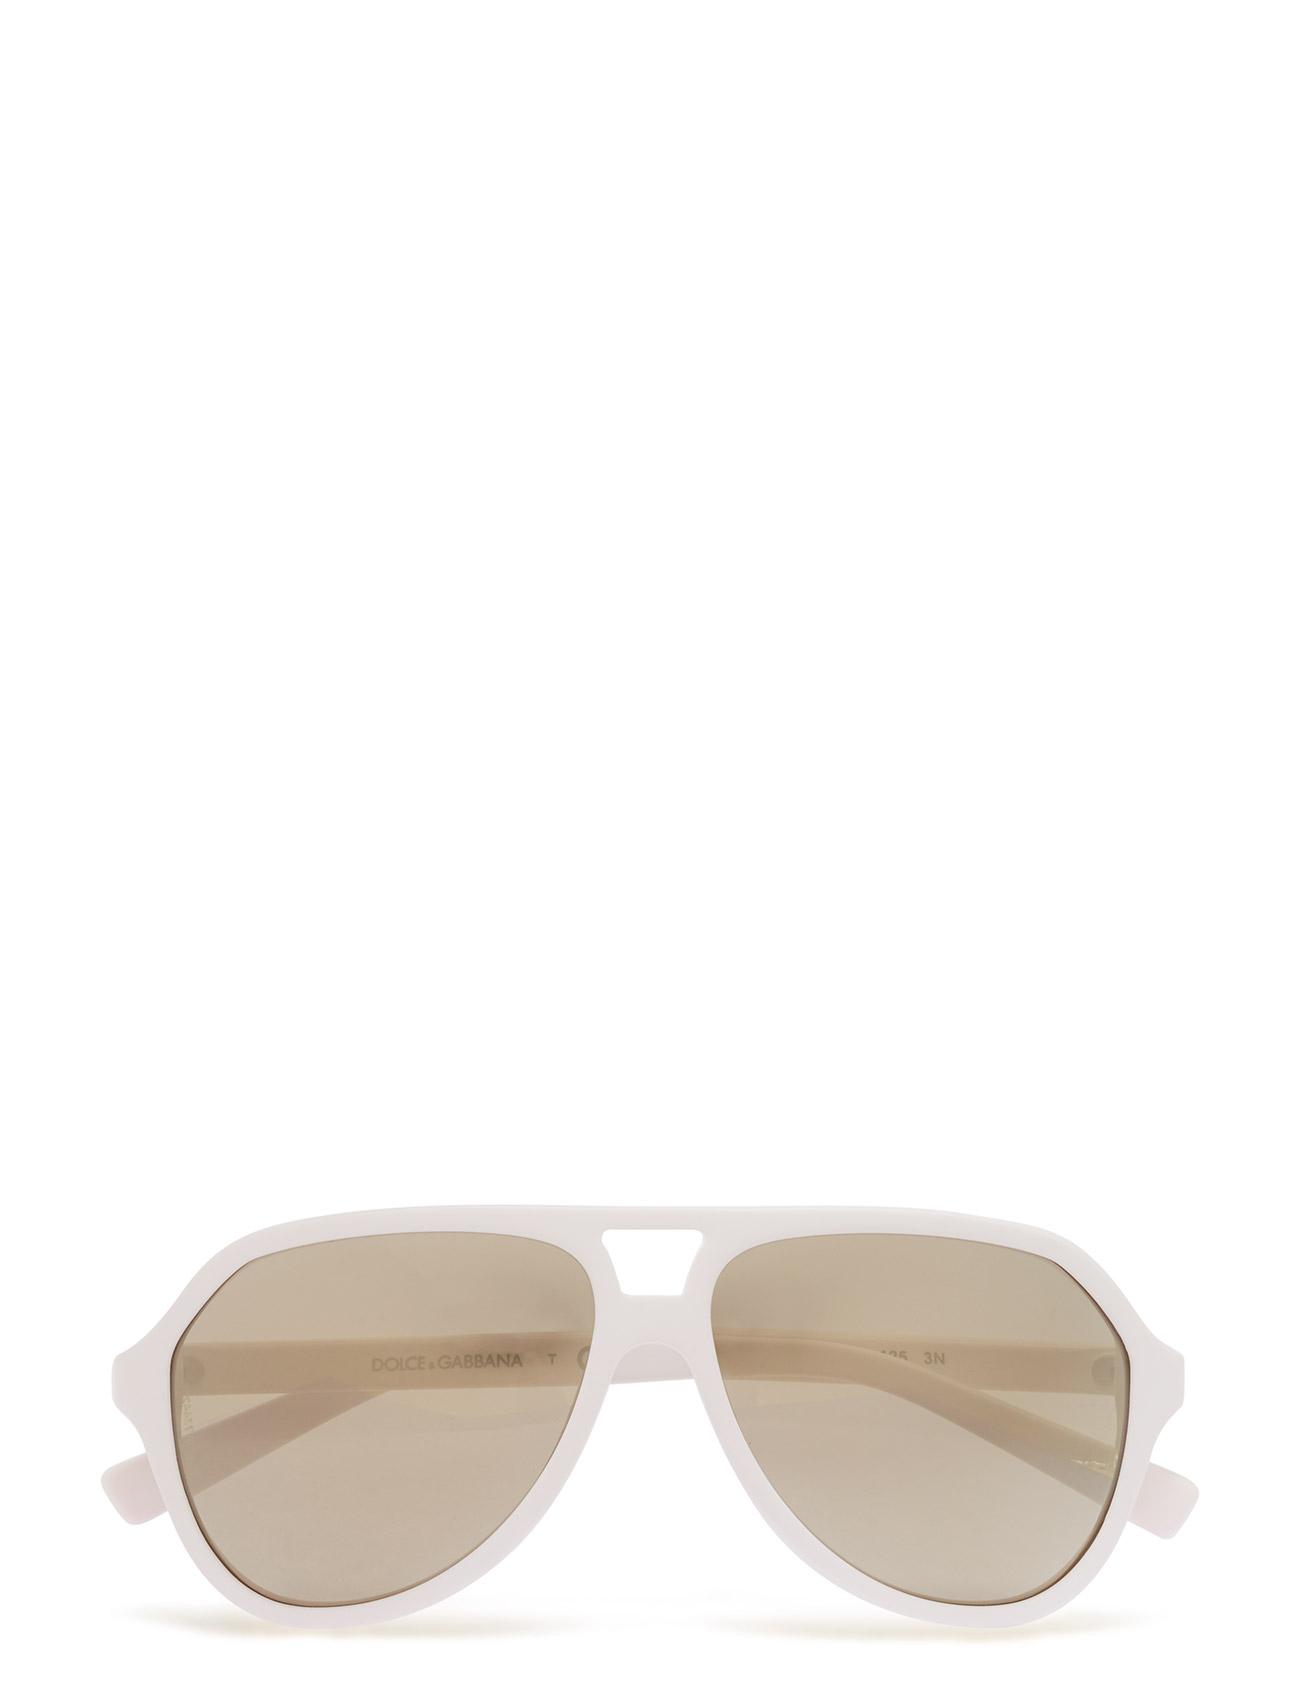 Stripes Special Project Dolce & Gabbana Sunglasses Solbriller til Børn i